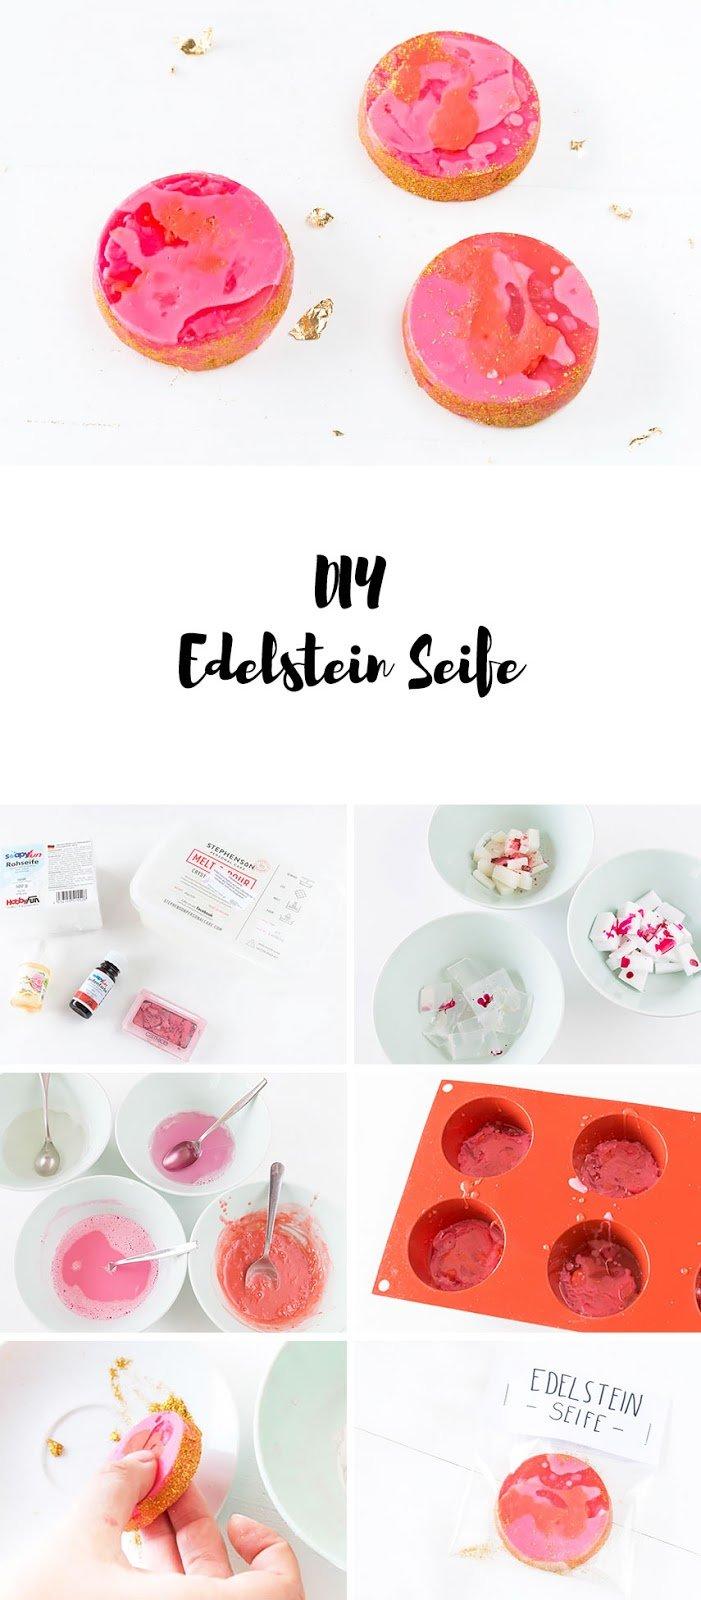 DIY Seife - Edelstein Seife selber machen - ein tolles DIY Geschenk für die beste Freundin